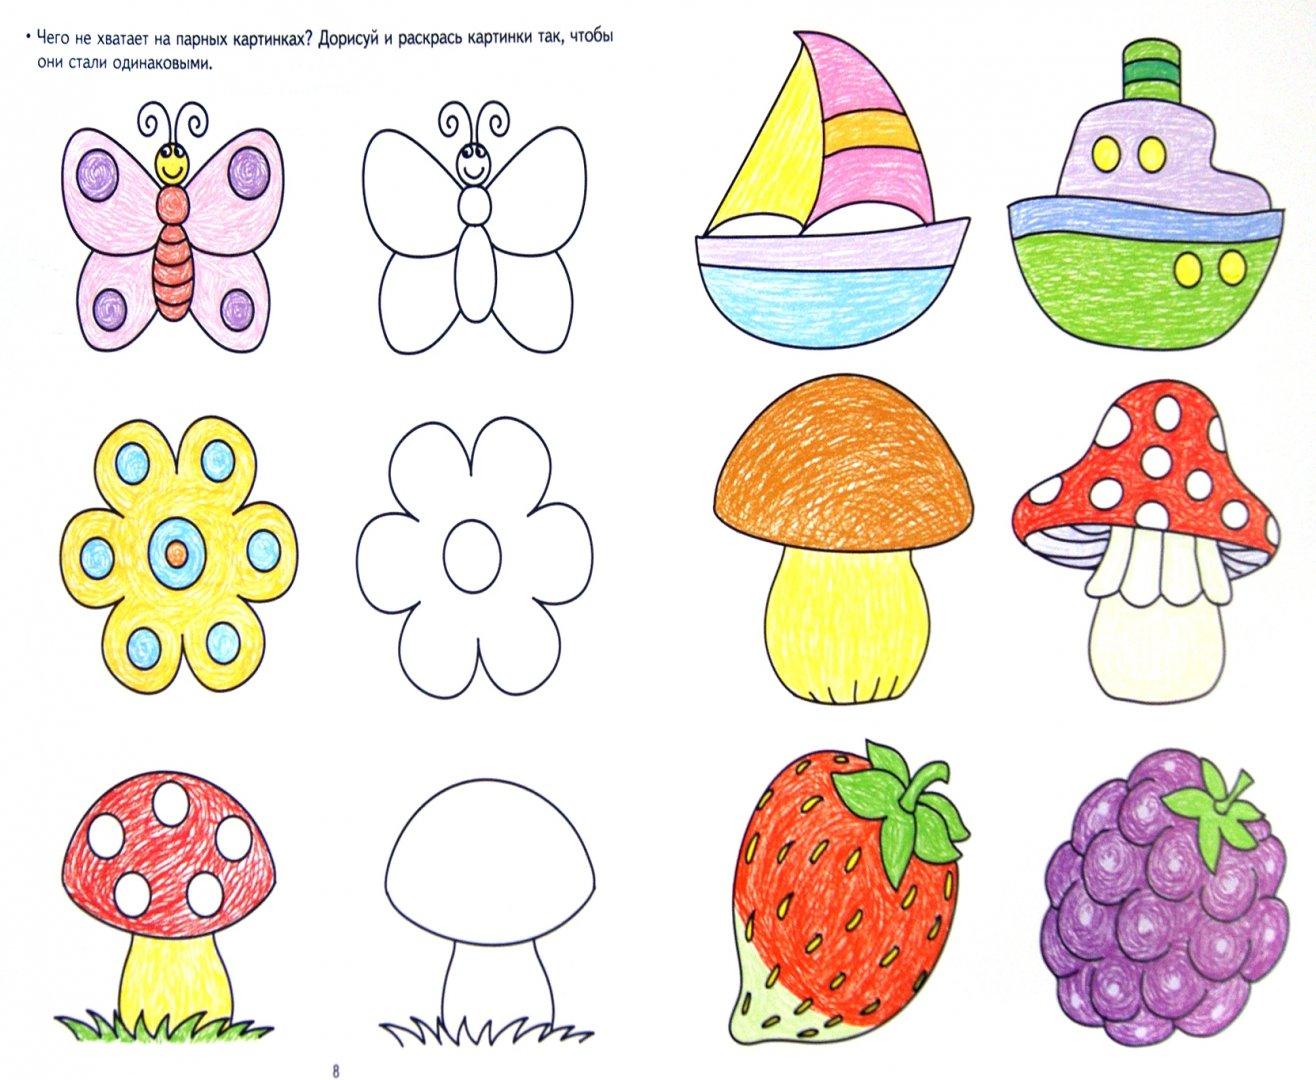 картинки для занятий с детьми развивающие глазных сосудов